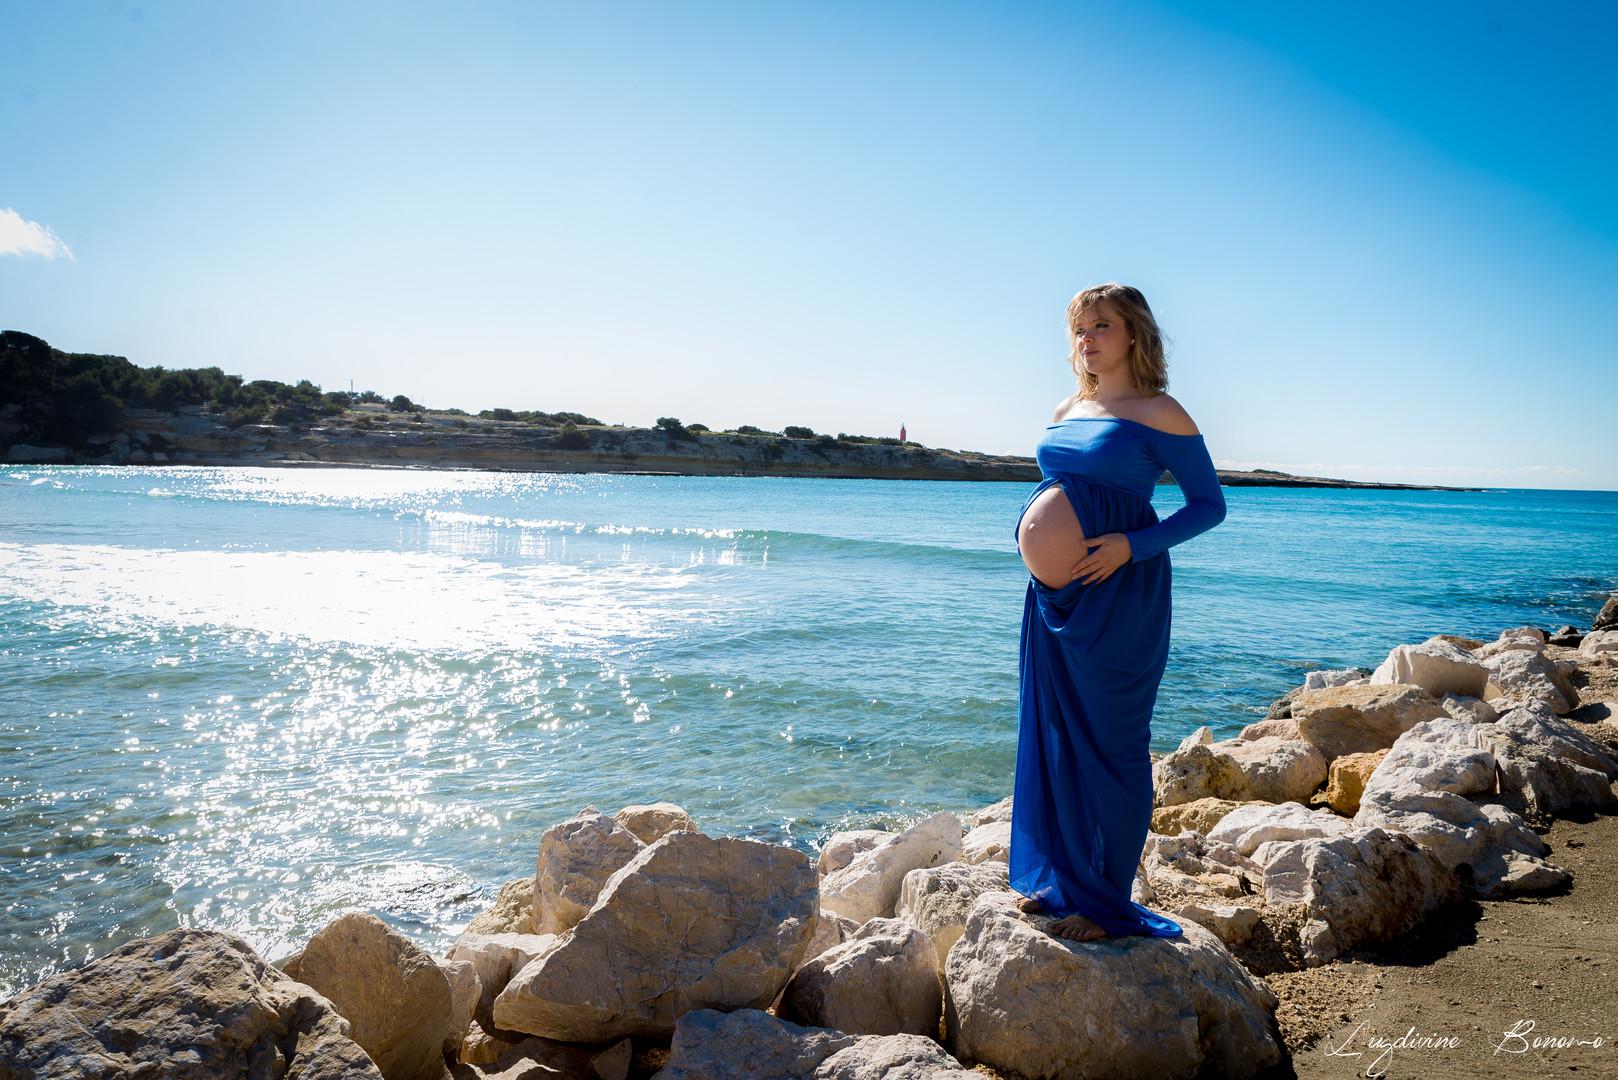 photographe extérieur nature maternité carry sausset bord de l'eau mer